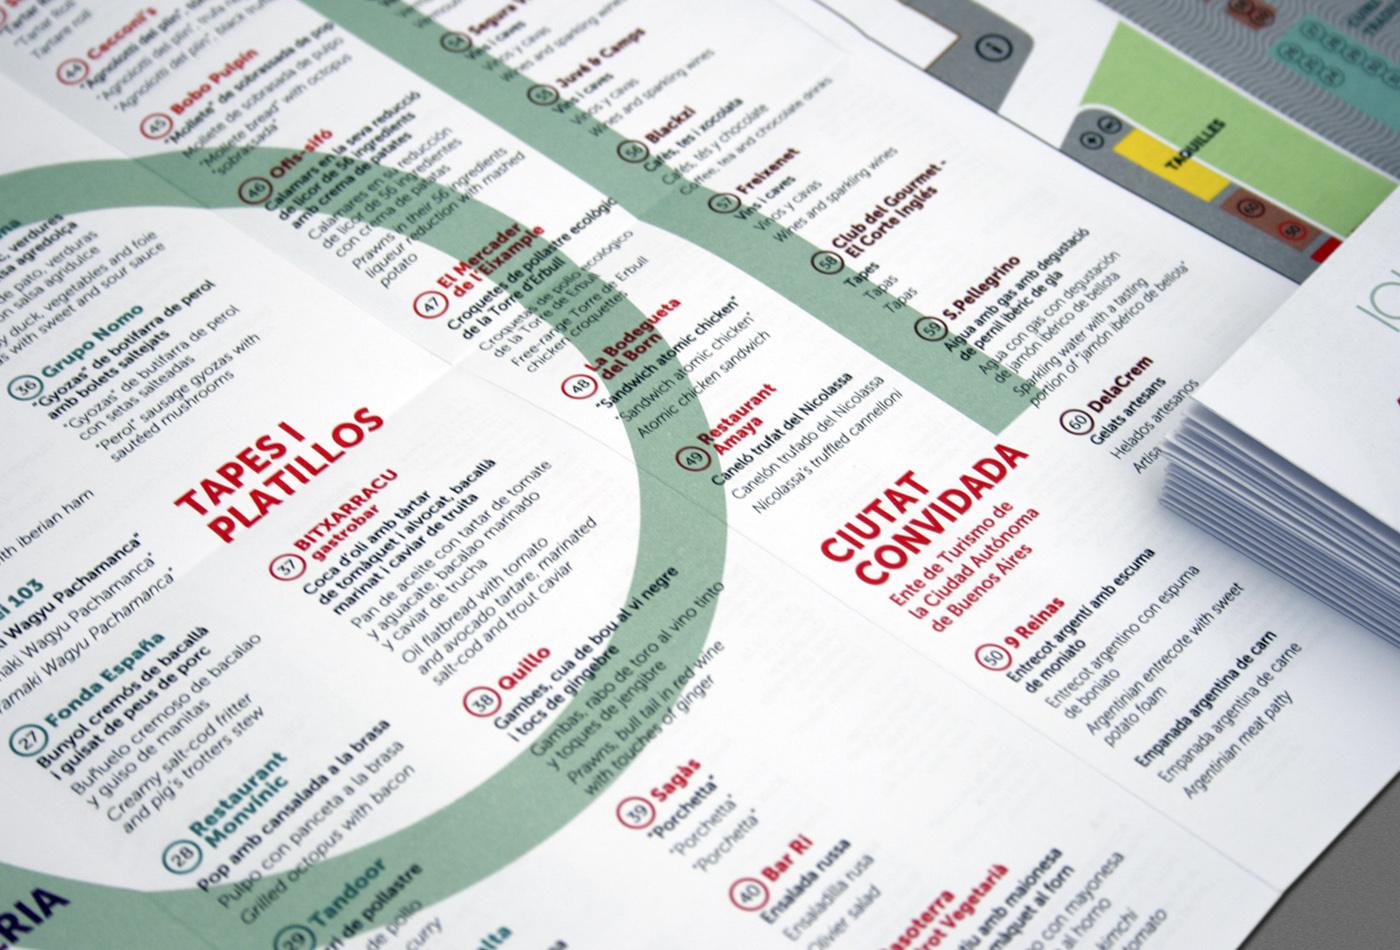 cuina-gastronomia-rambla-barcelona-tastalarambla2017-05